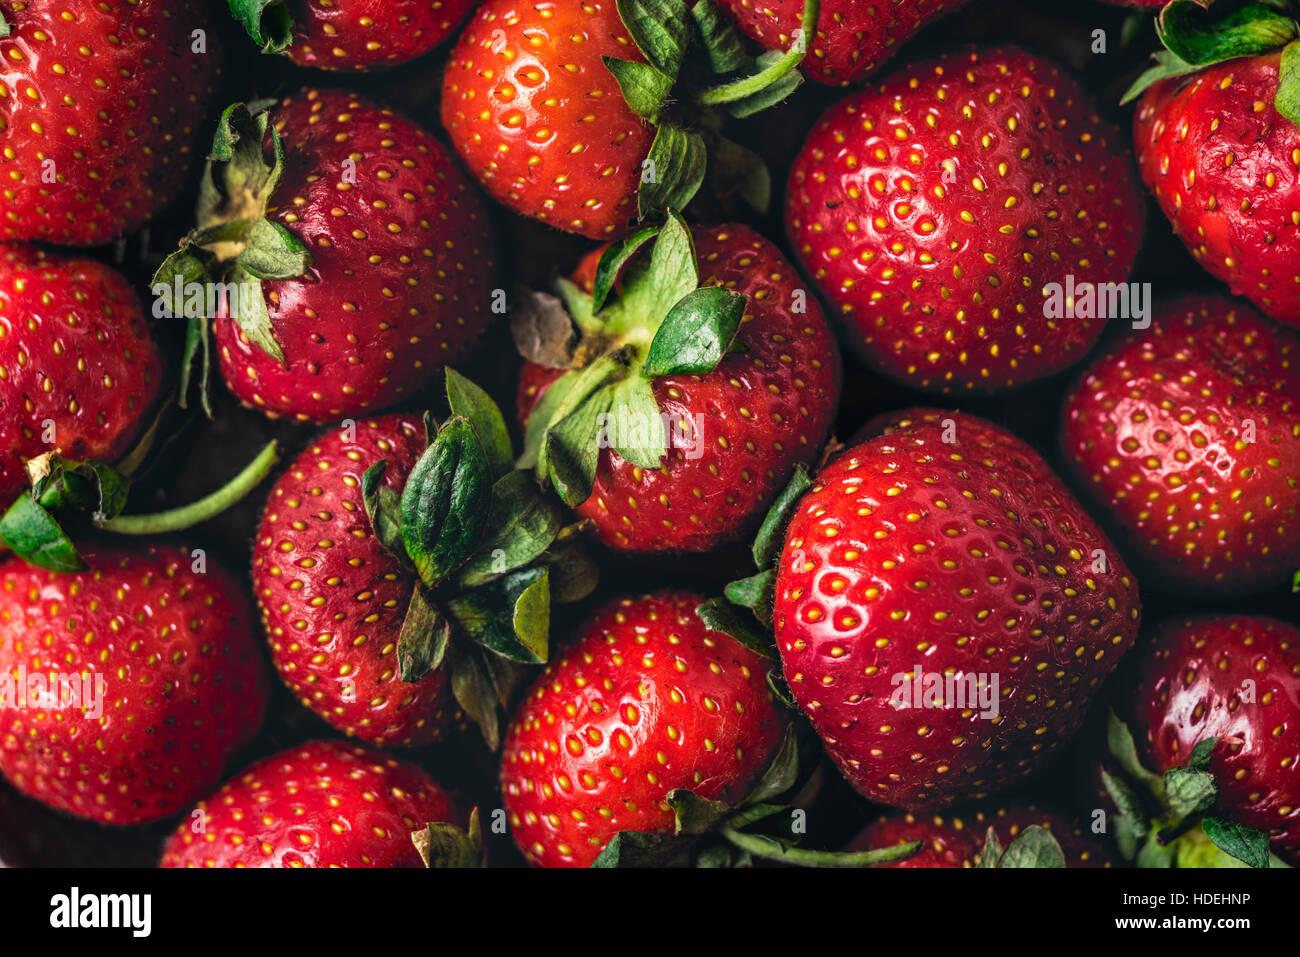 Arrière-plan de fraise horizontale close-up Photo Stock